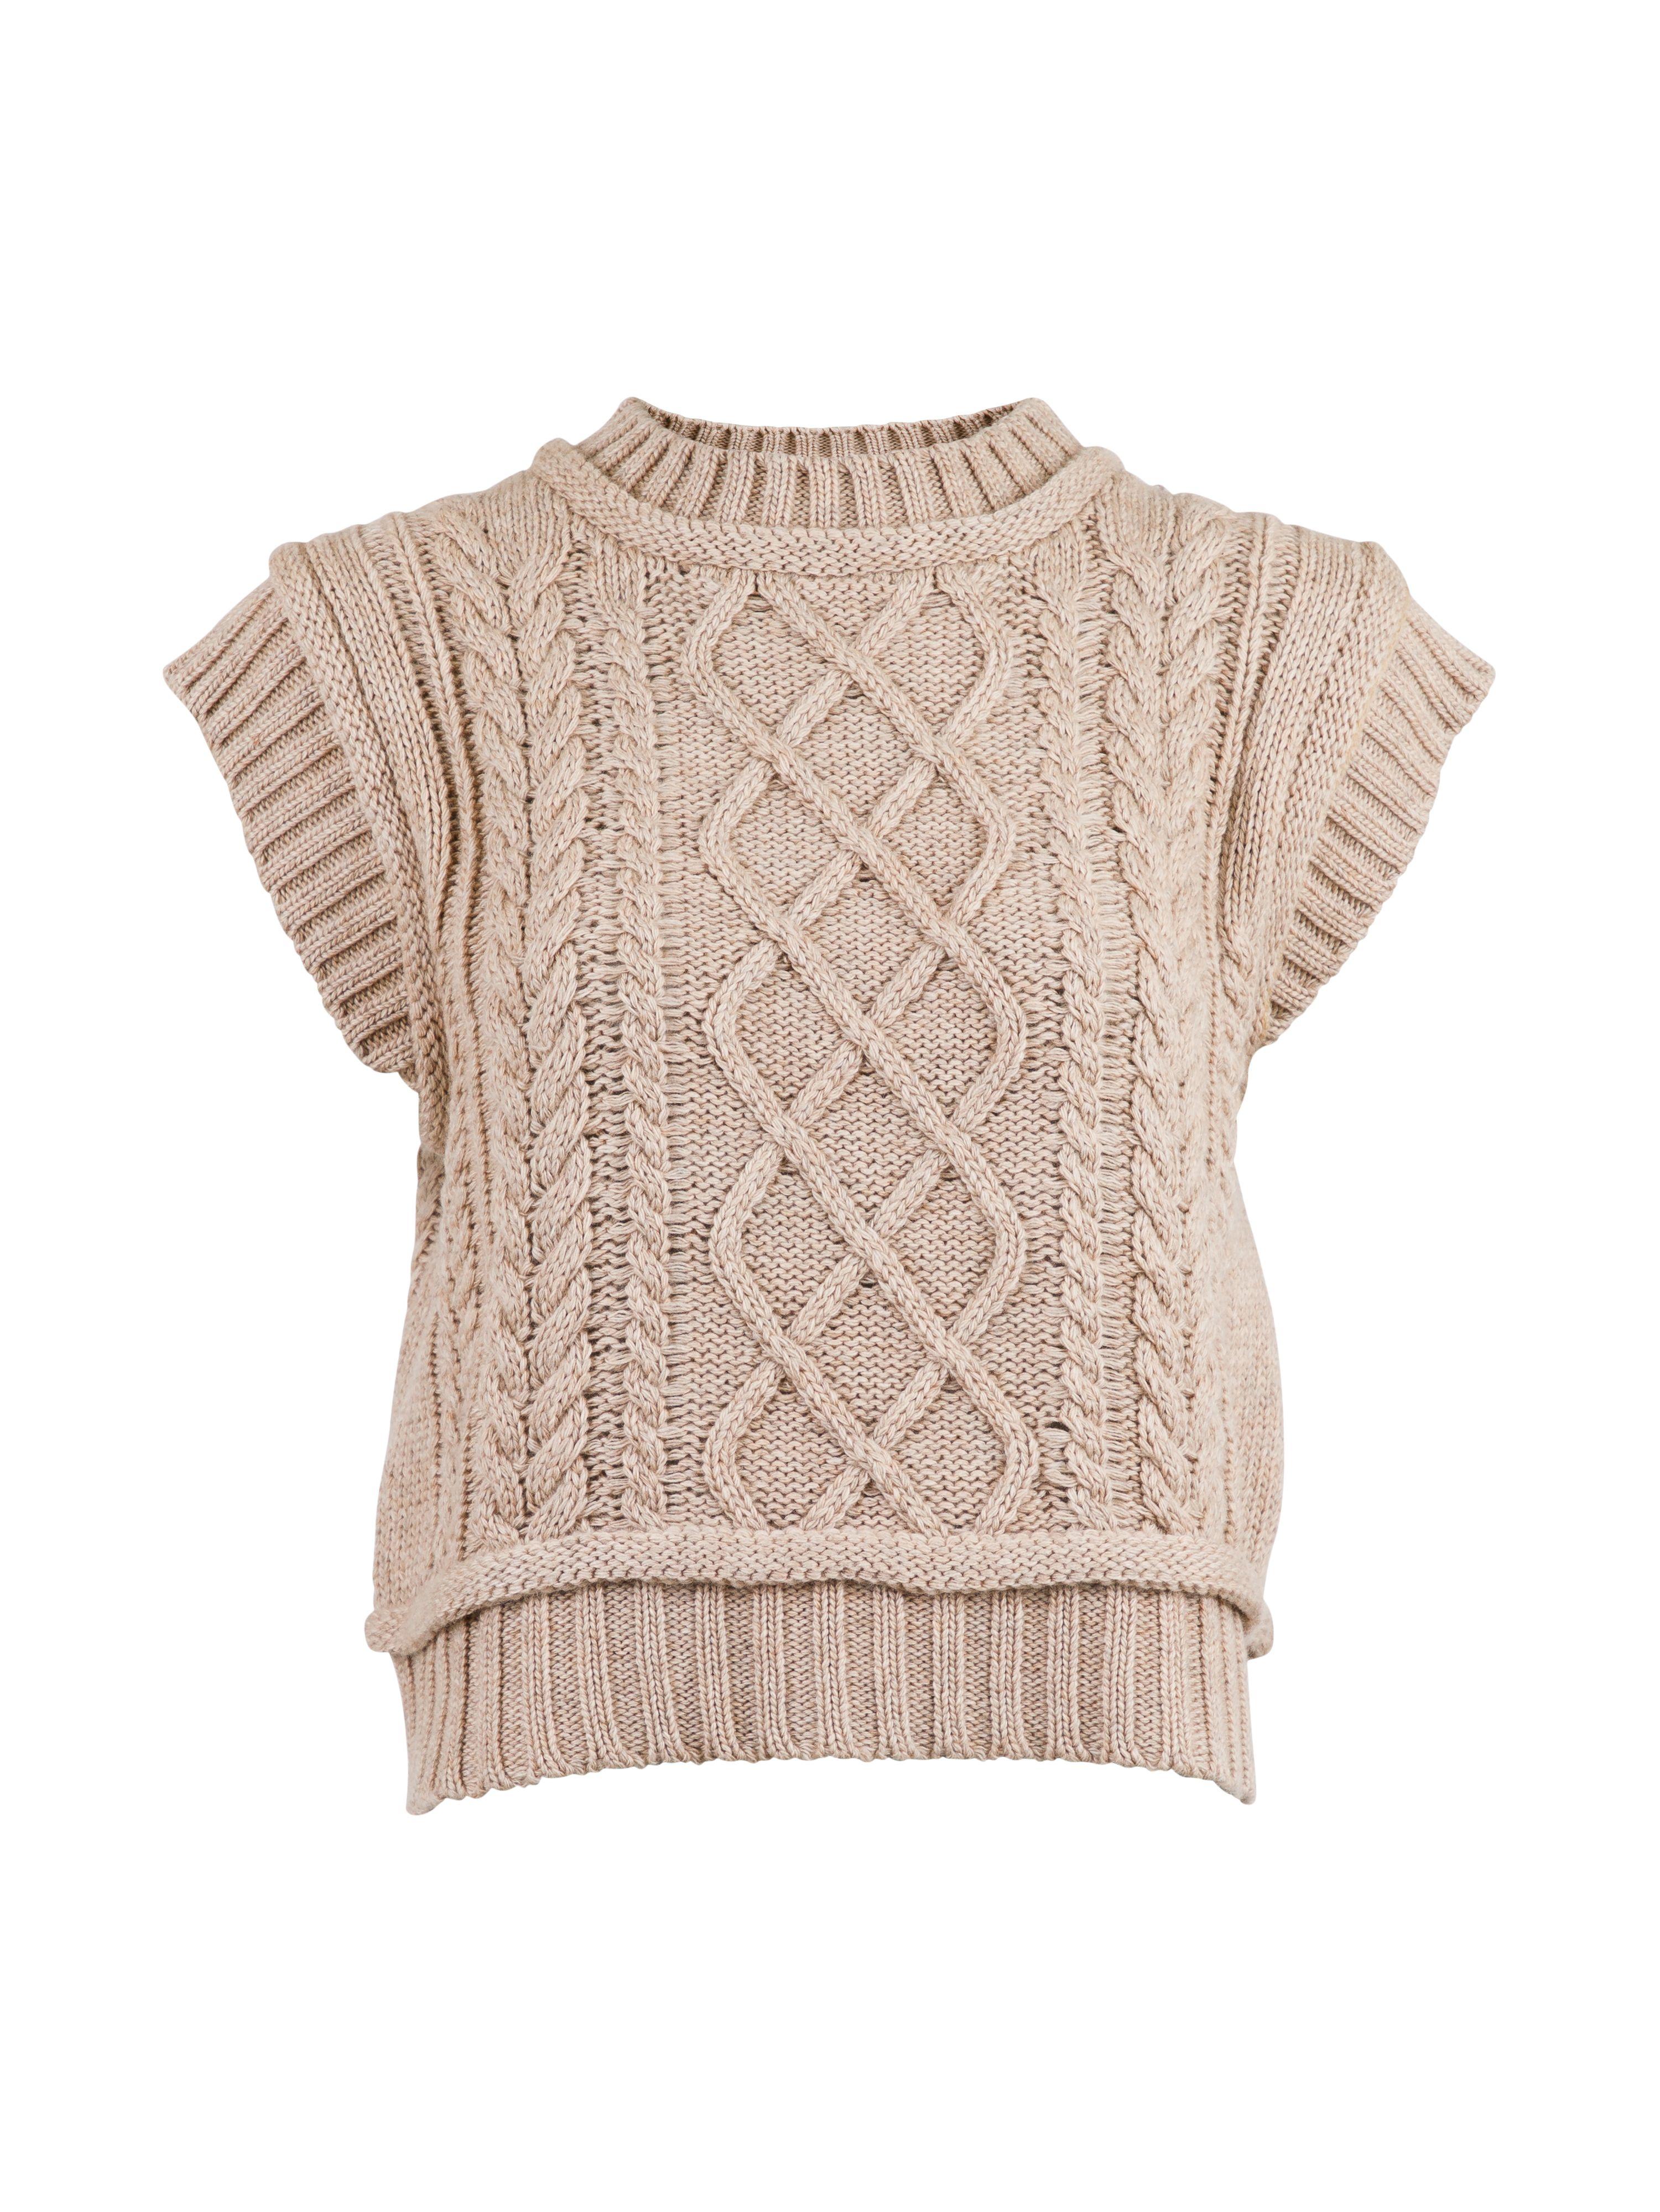 Neo Noir Malley Cable Knit vest